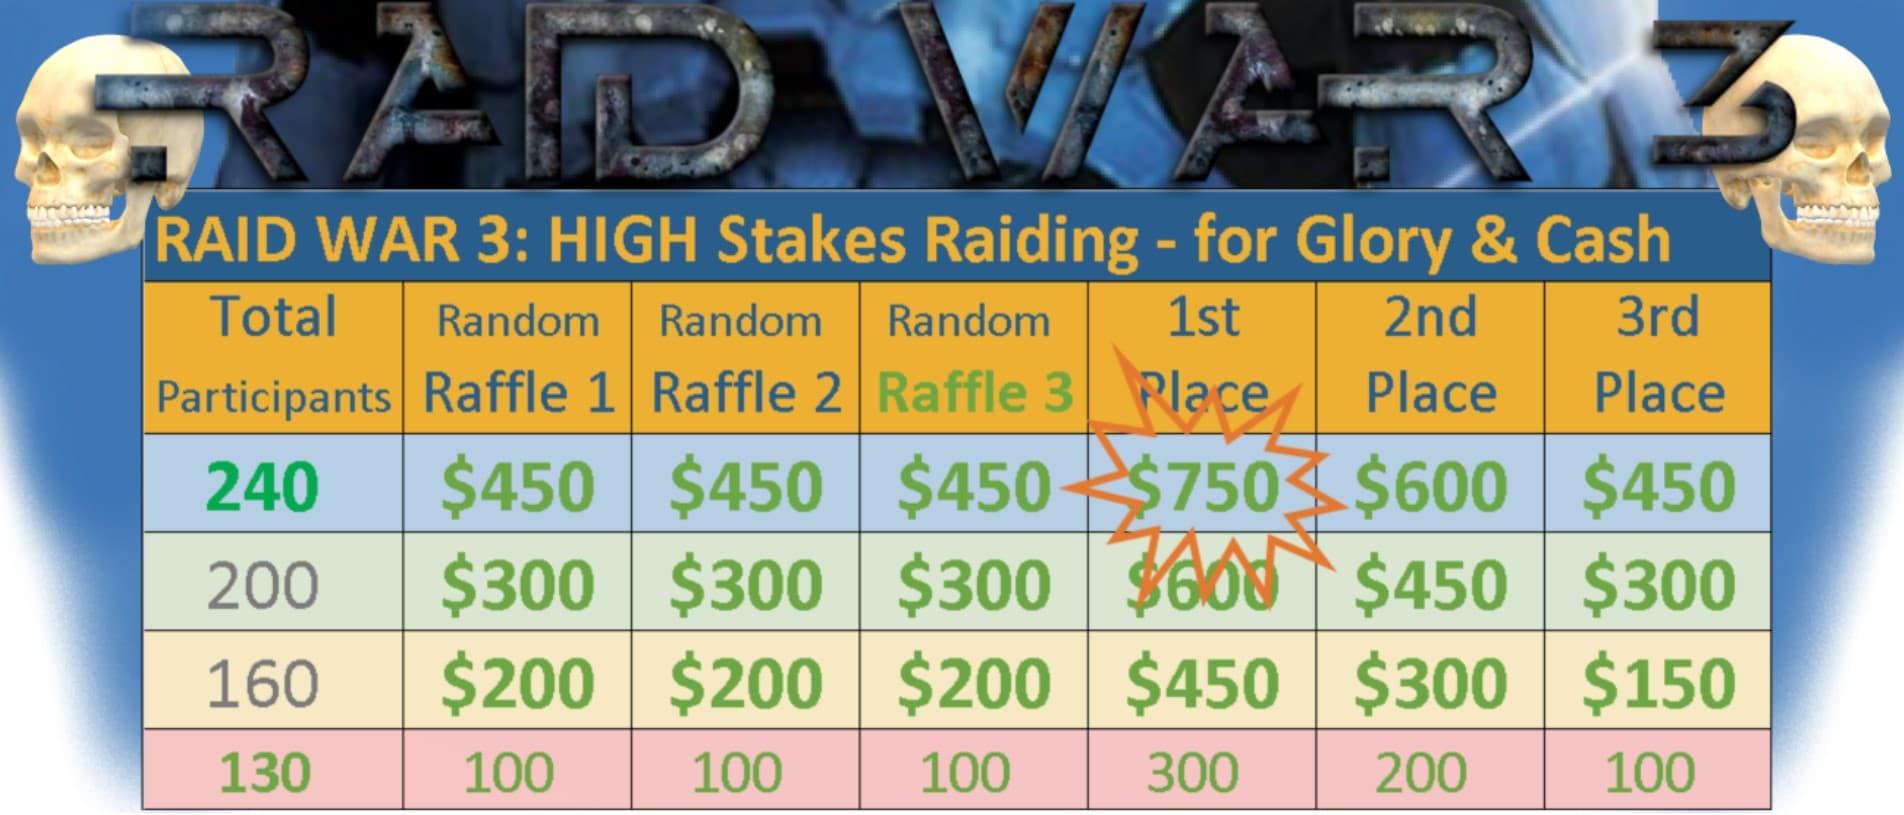 RAID WAR 3: Event Details & Final Notes